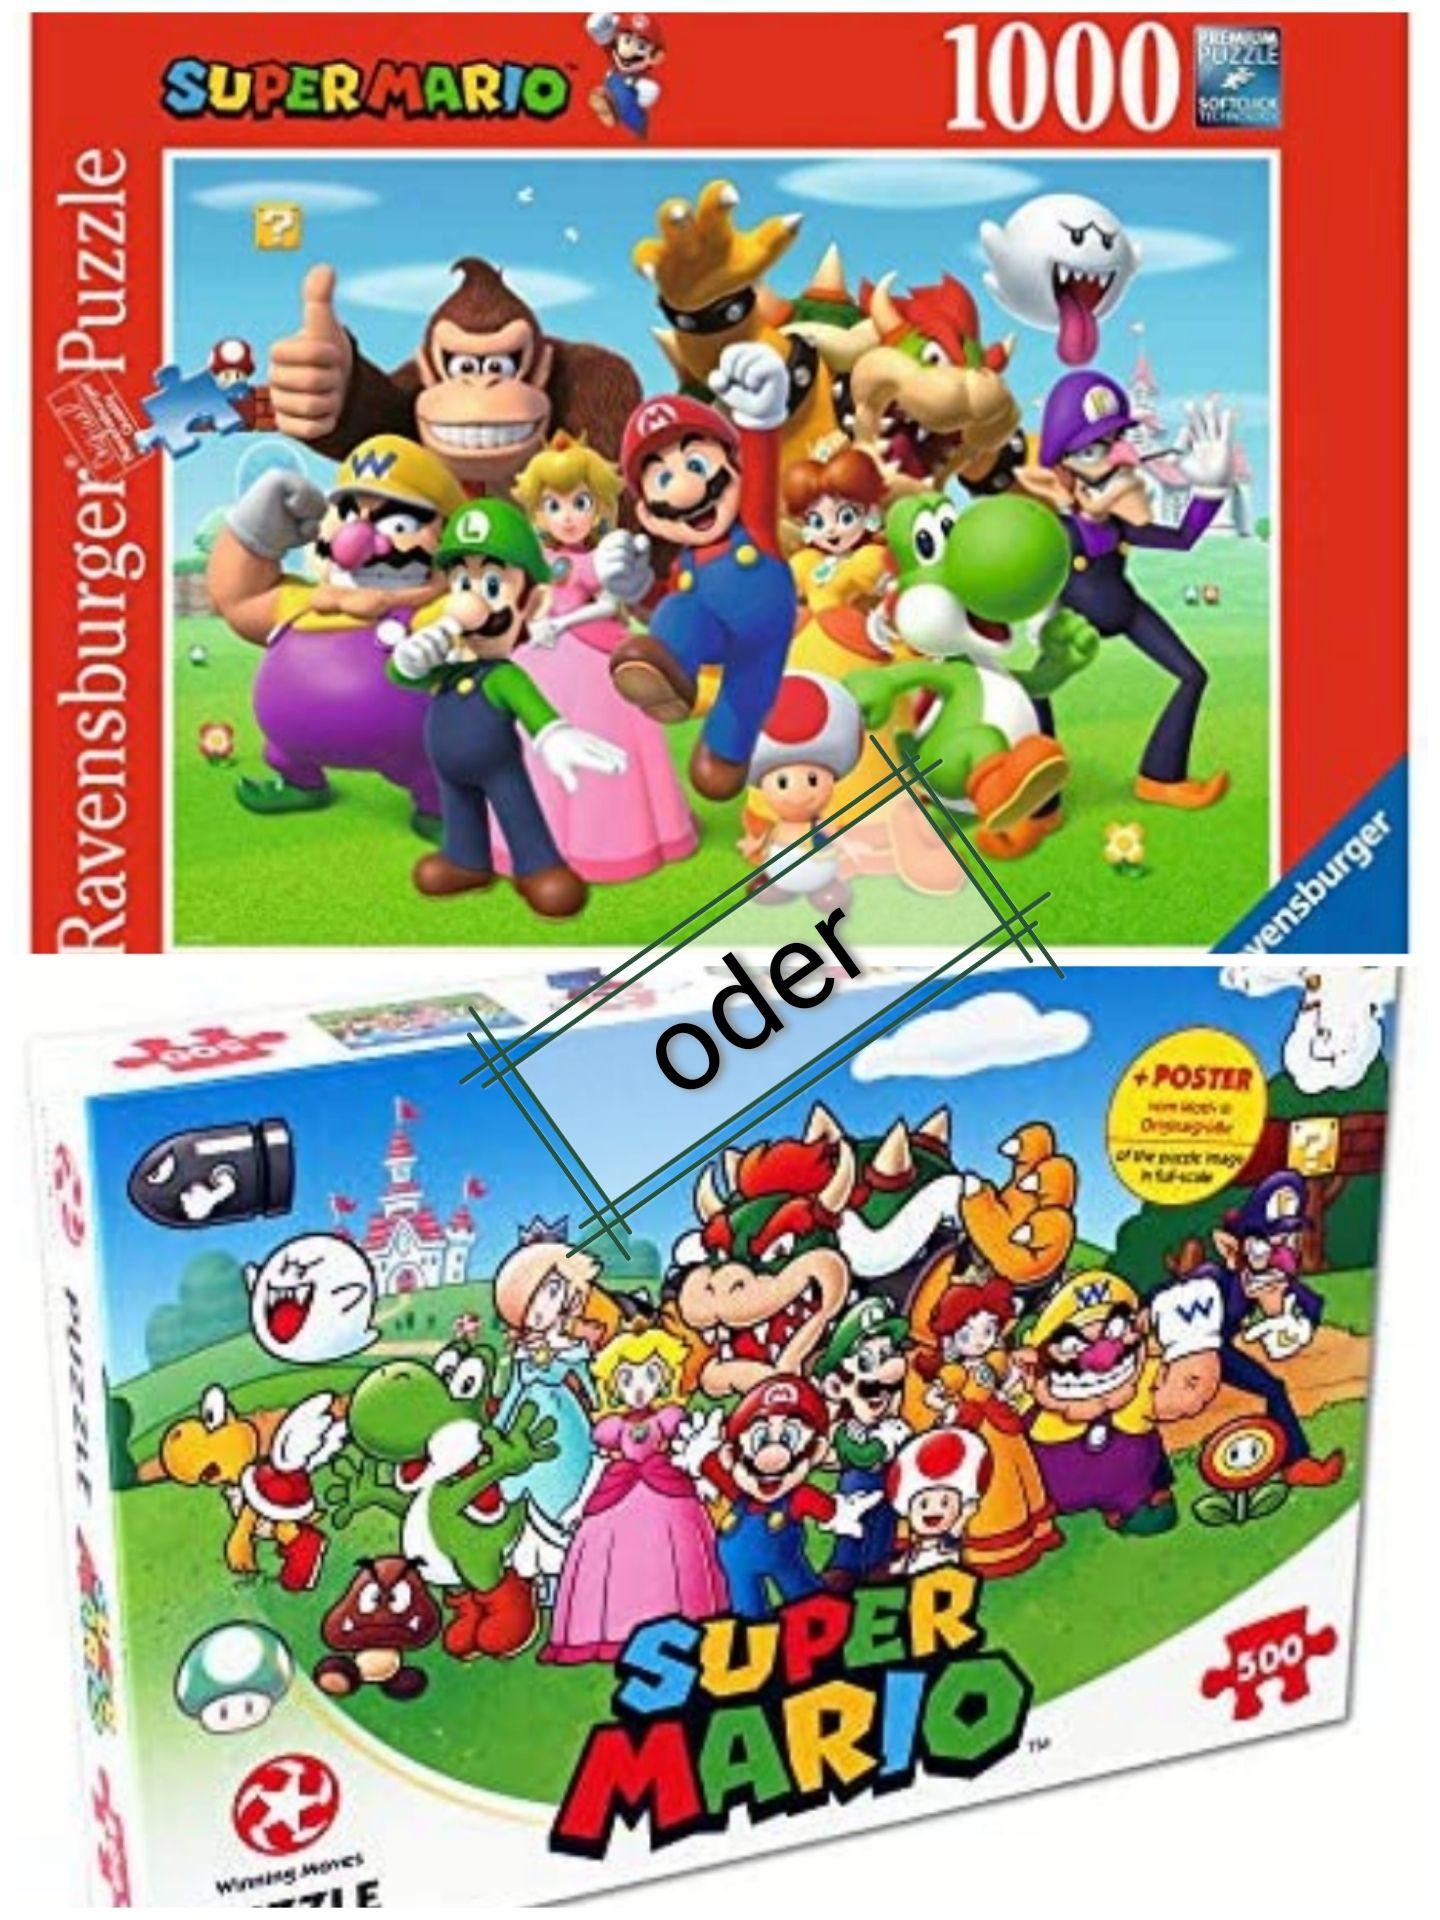 [Prime] Ravensburger Super Mario Puzzle, 1000 Teile (vergriffen) <> [Marketplace] Winning Moves Mario und Freunde Puzzle, 500 Teile (7,36 €)